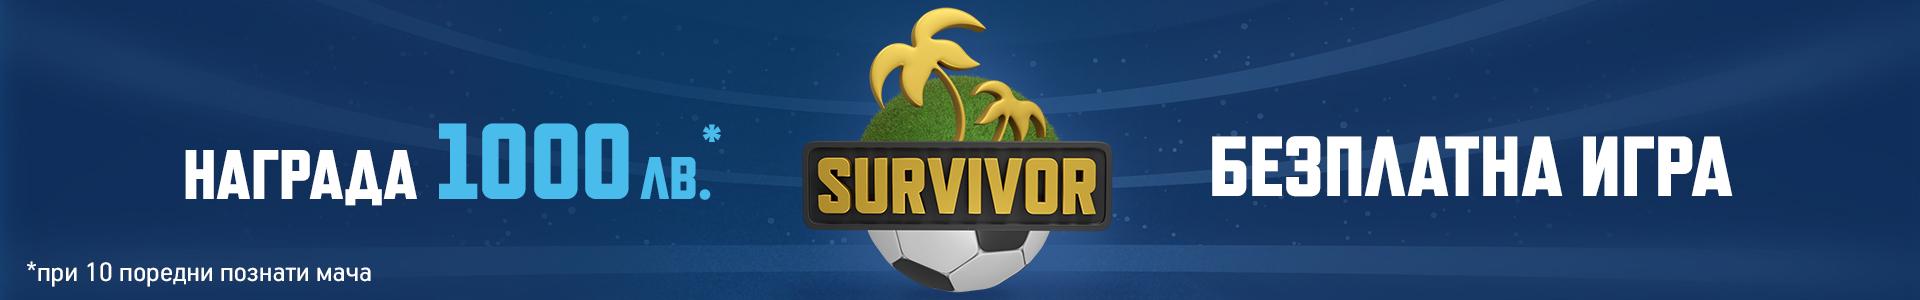 бонус survivor